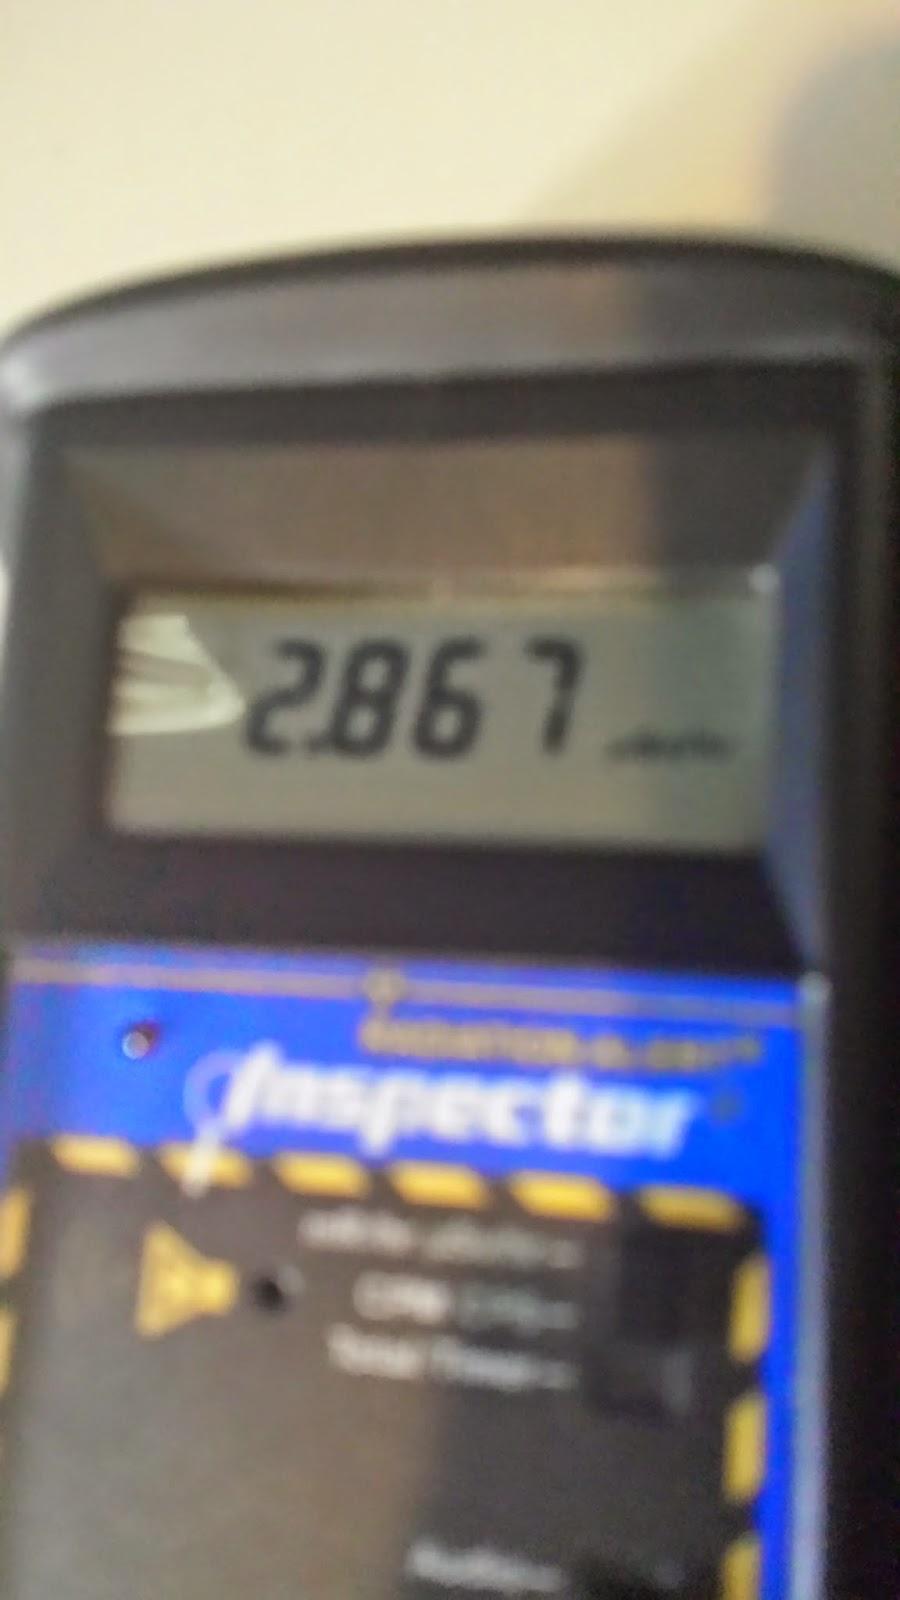 http://1.bp.blogspot.com/-gHIcar0jzls/VHJfOoQJj8I/AAAAAAAAOcc/zU53ORG0nHM/s1600/2867%2Bmicrosiverts%2Bper%2Bhour.jpg